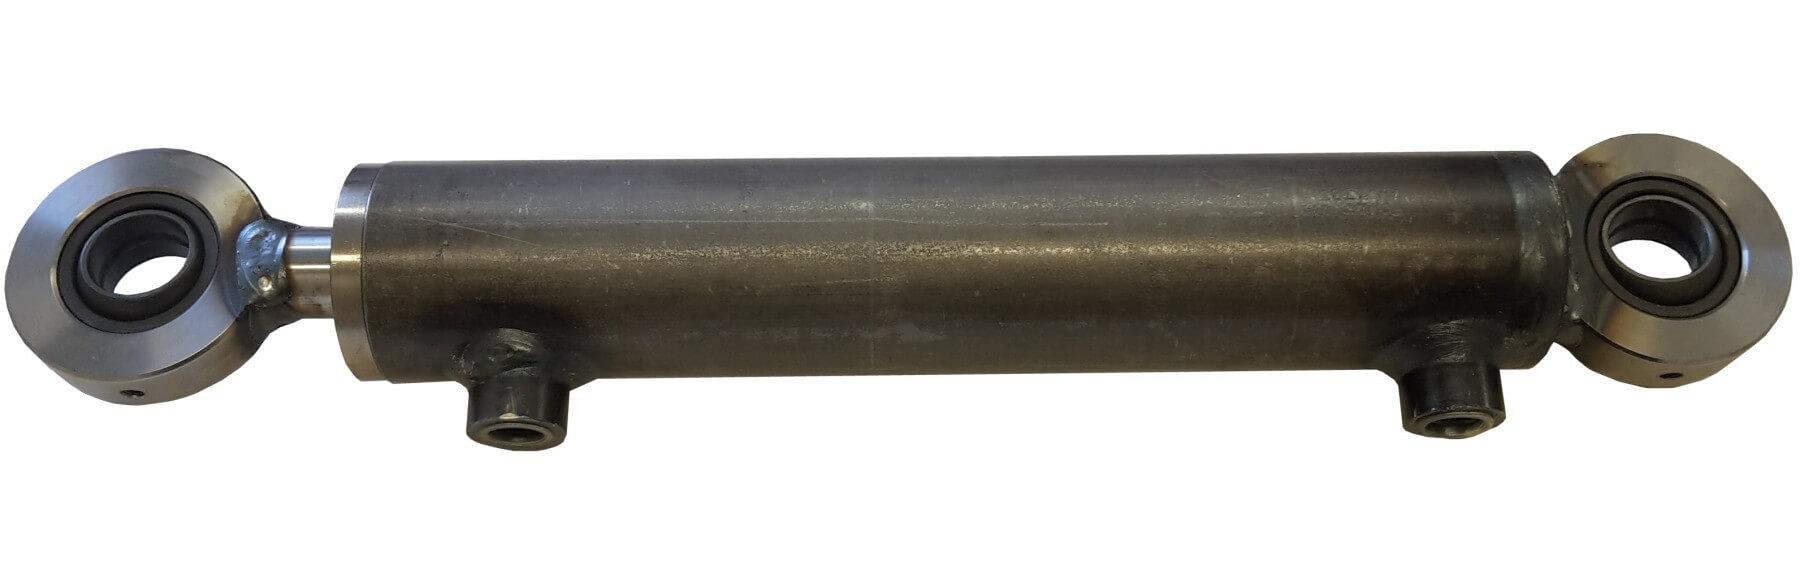 Hydraulisylinteri CL 50. 25. 550 GE - Kailatec Oy Verkkokauppa